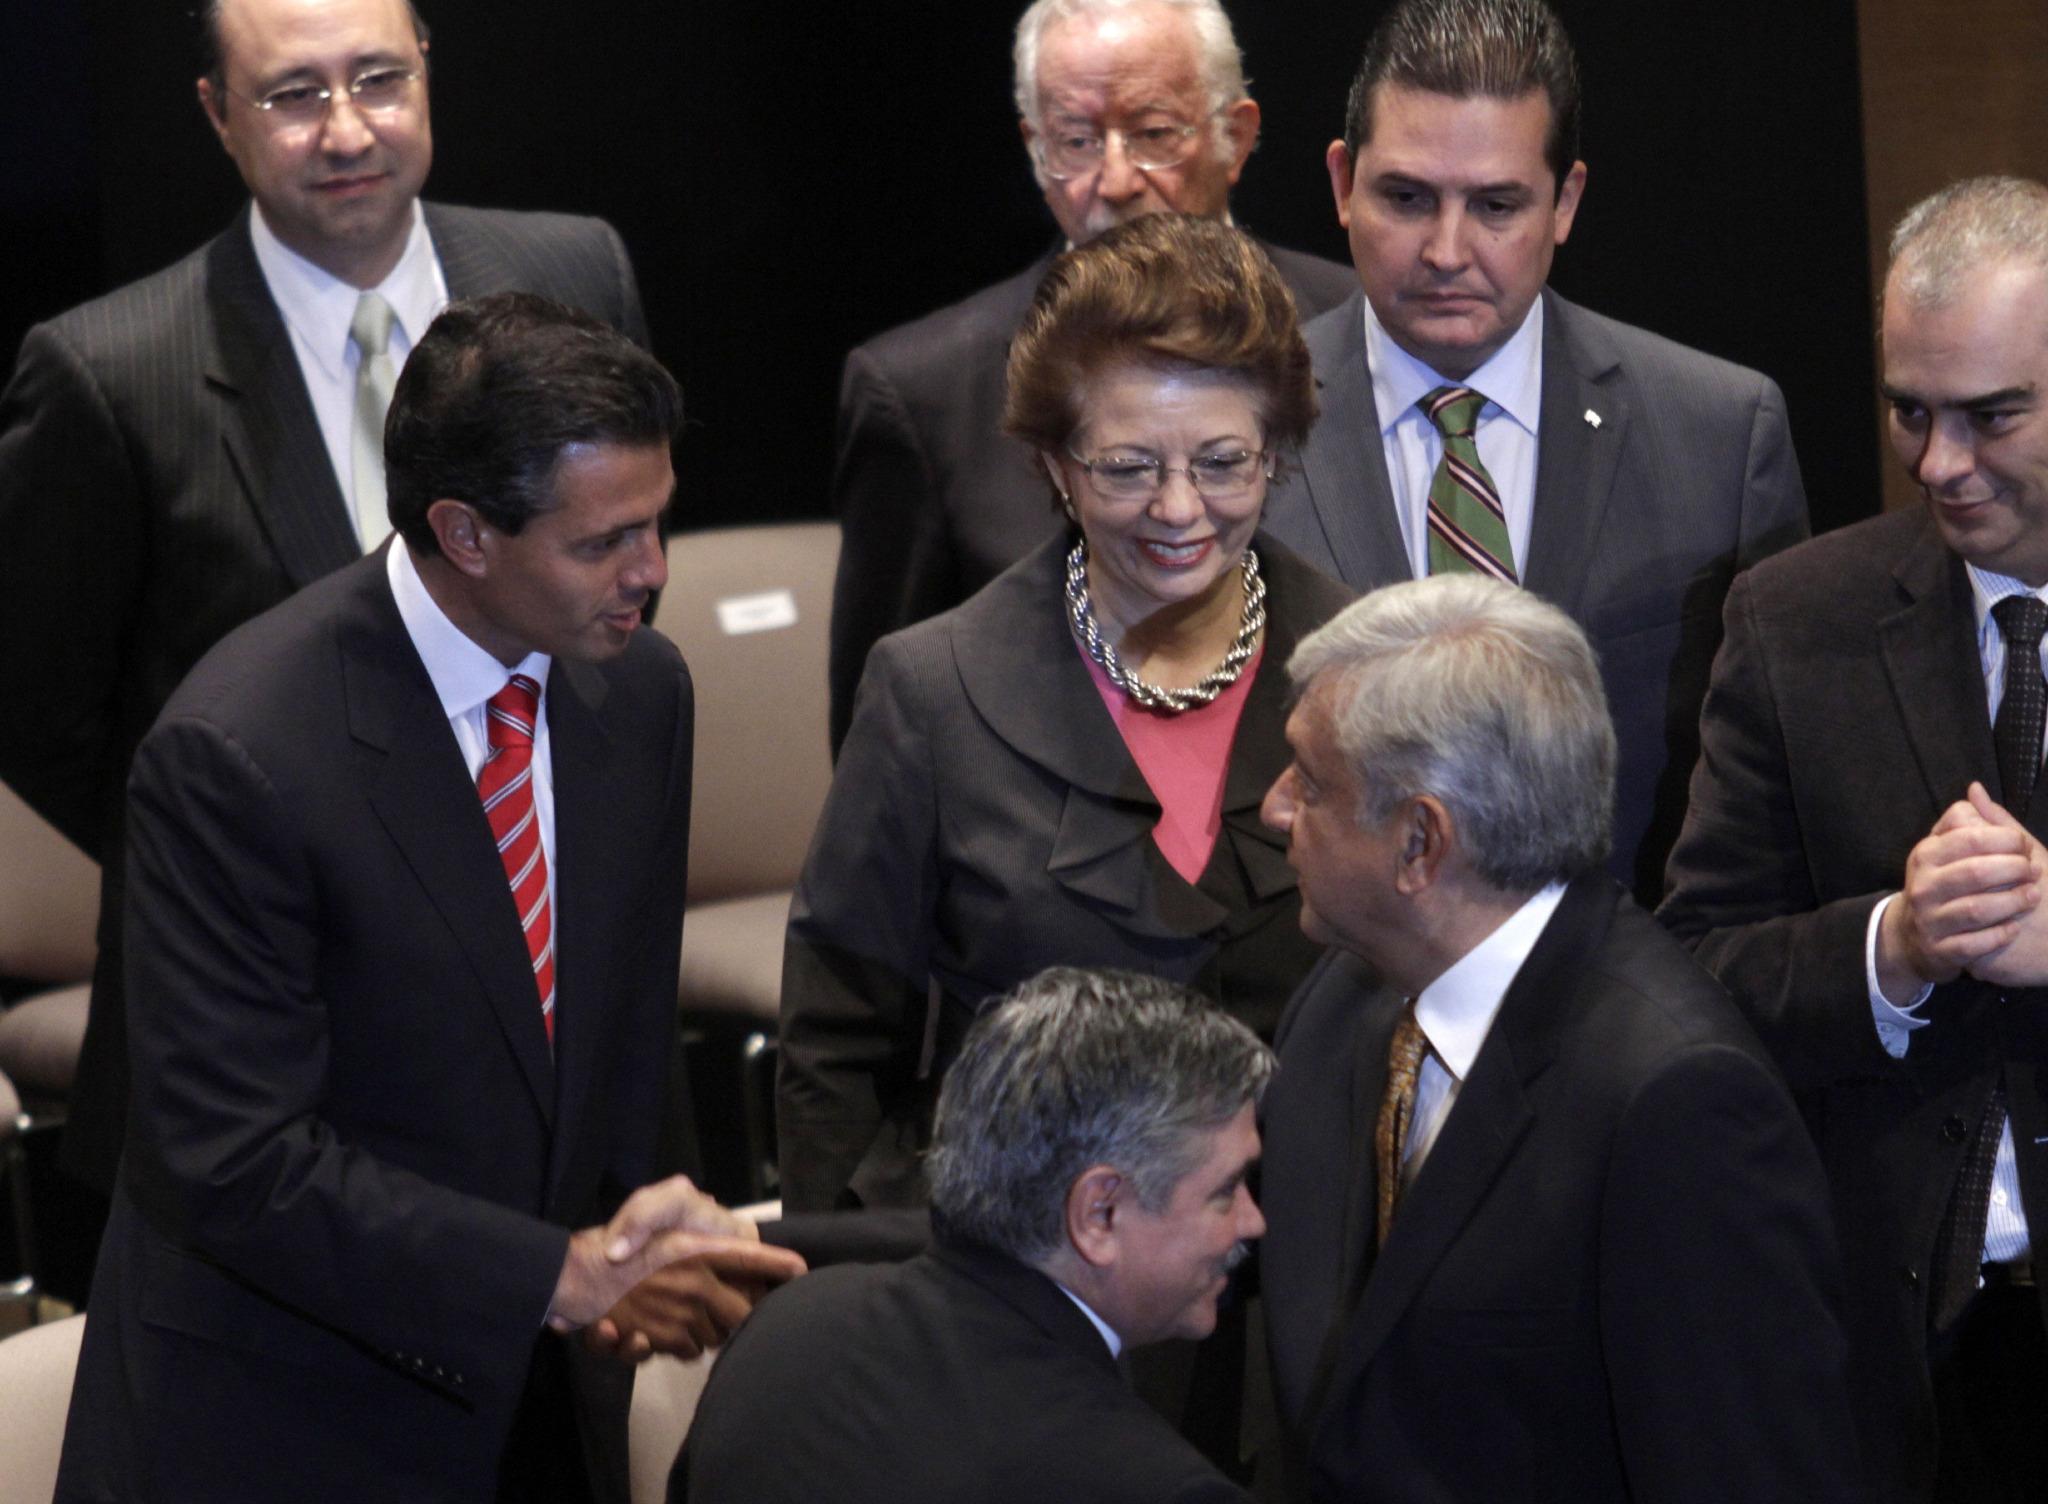 RT @bermudezphoto: el saludo masón entre Peña Nieto y AMLO hoy en el IFE...Chequen las manos... http://t.co/j5N2QihM <- cierto